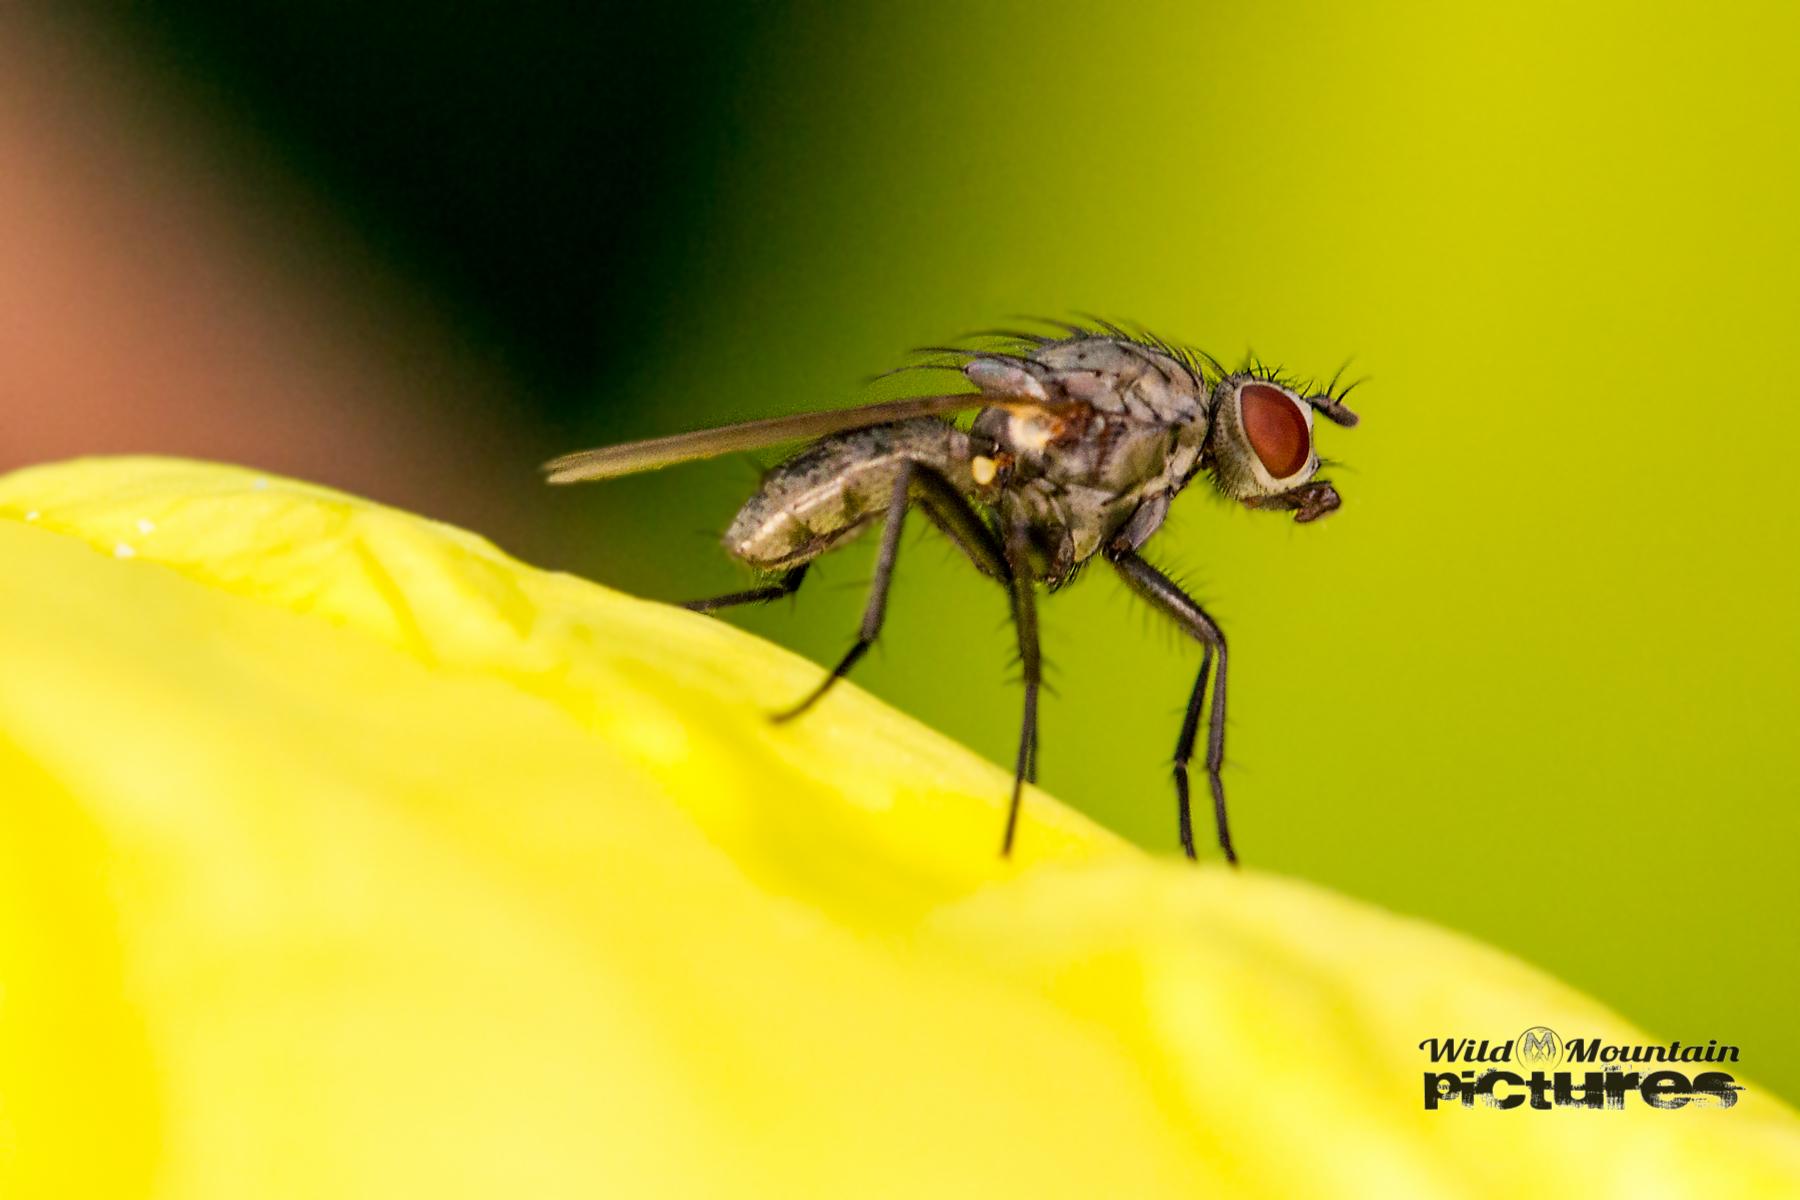 Fliege Vor Grünem Hintergrund